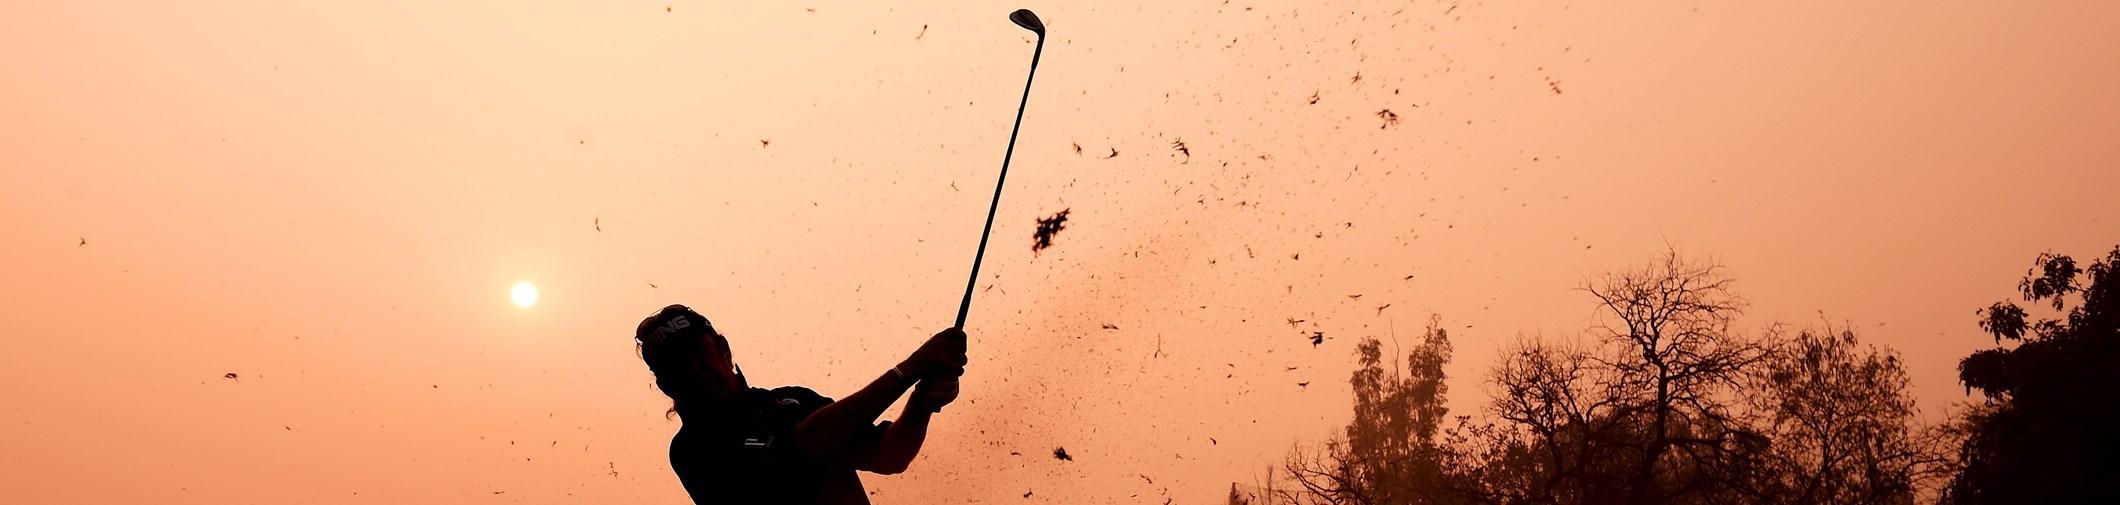 ゴルフページ画像